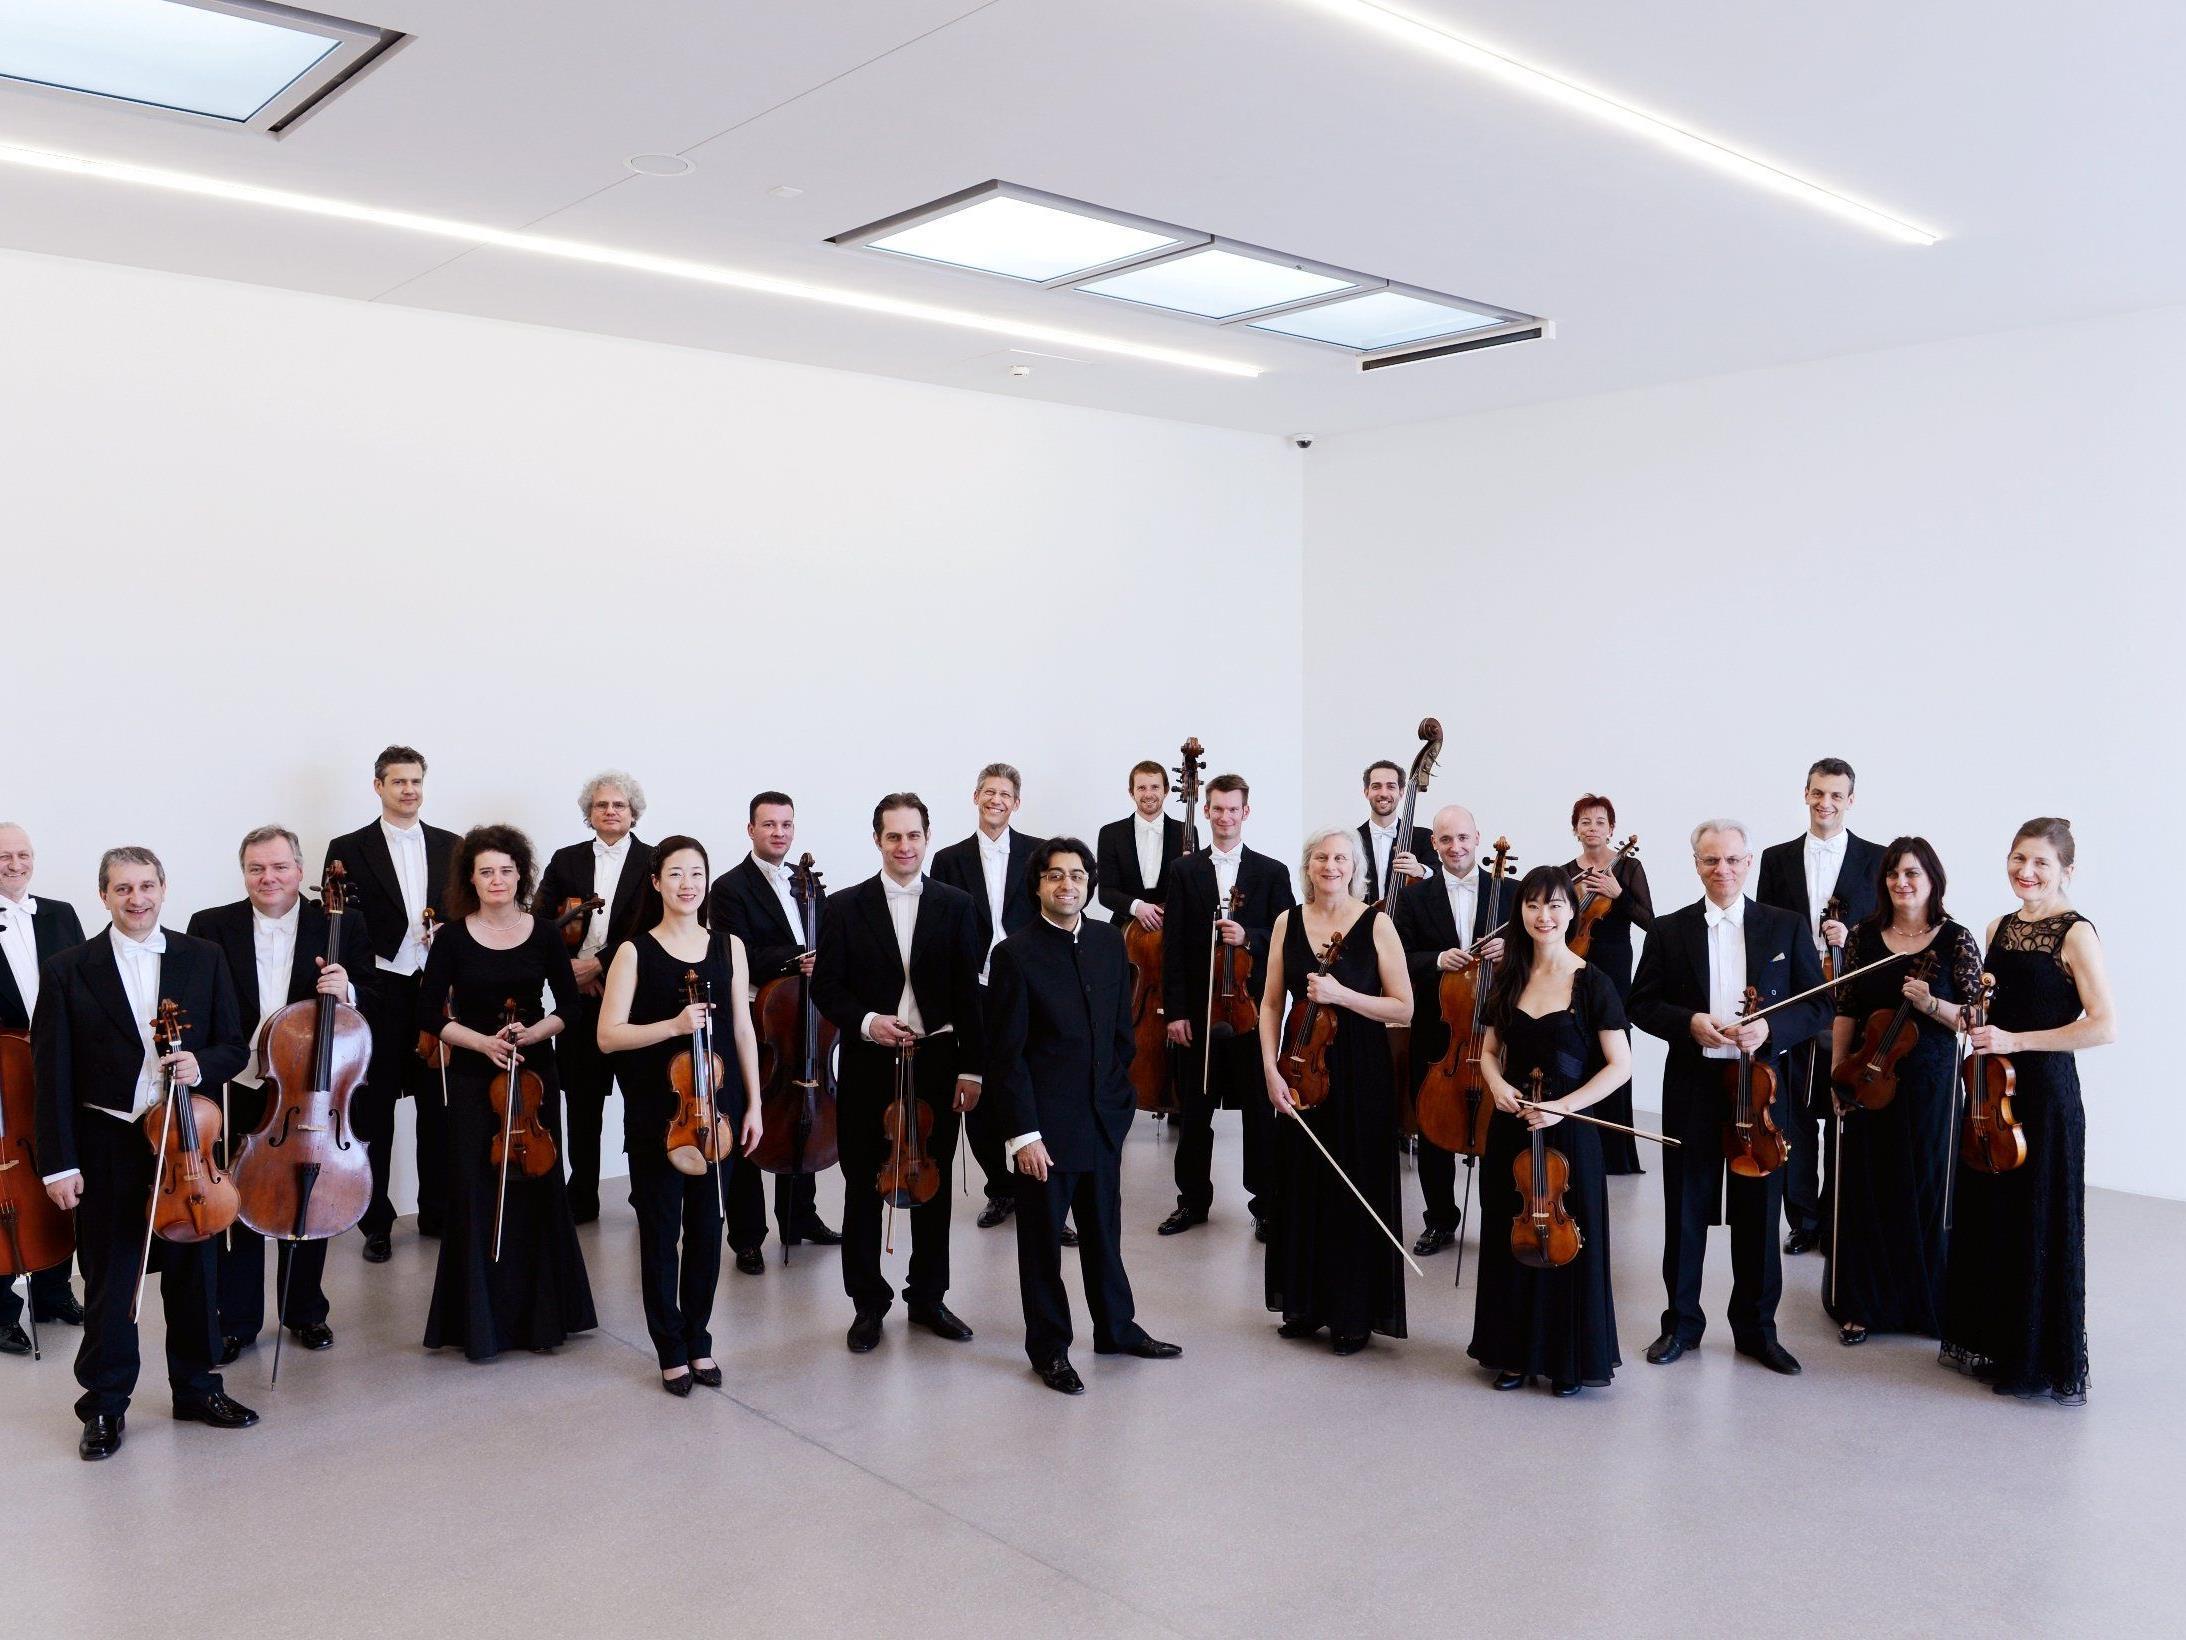 Das Württembergische Kammerorchester Heilbronn zählt zu den renommiertesten deutschen Kammerorchestern.